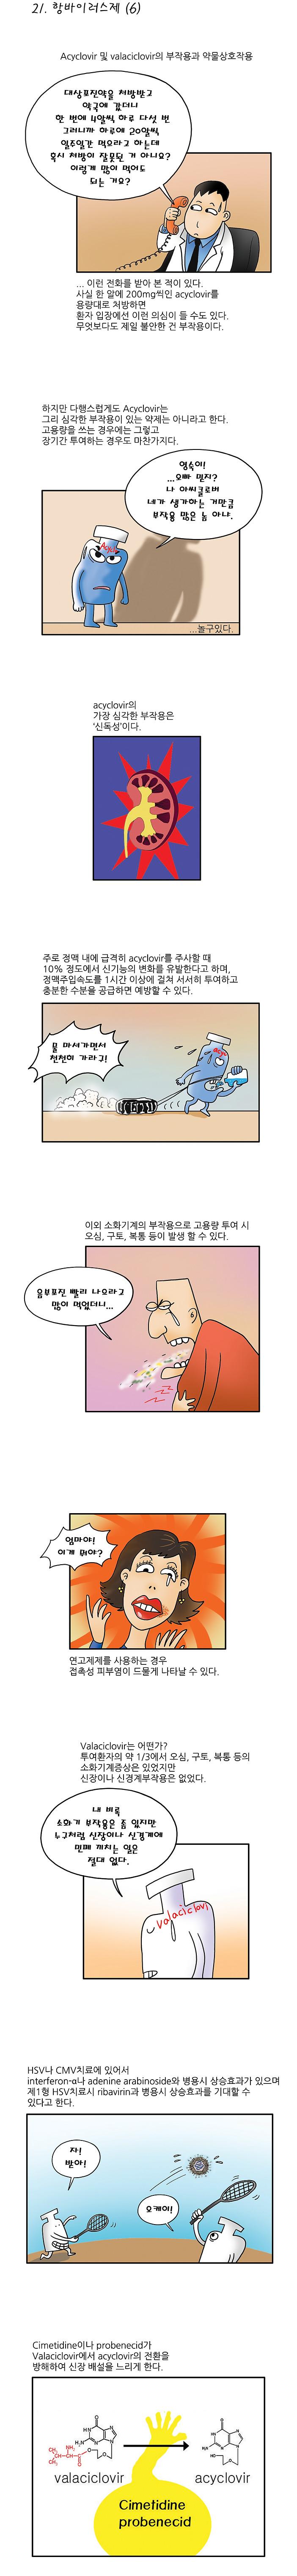 만화 항생제 항바이러스제 06-1 copy.jpg